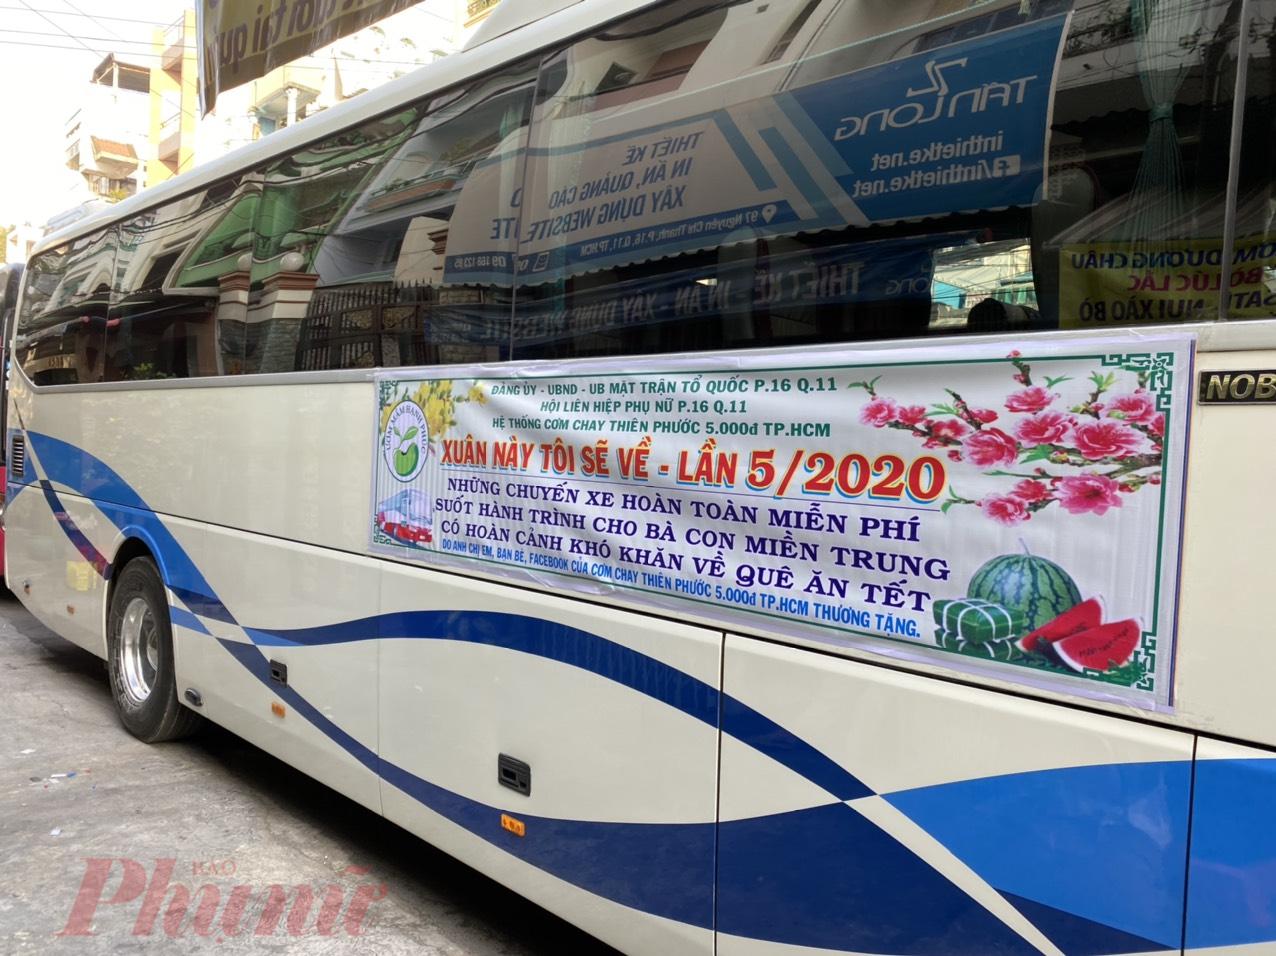 Chuyến xe yêu thương ngày xuân chở người lao động nghèo về quê đón Tết, xum họp cùng gia đình.